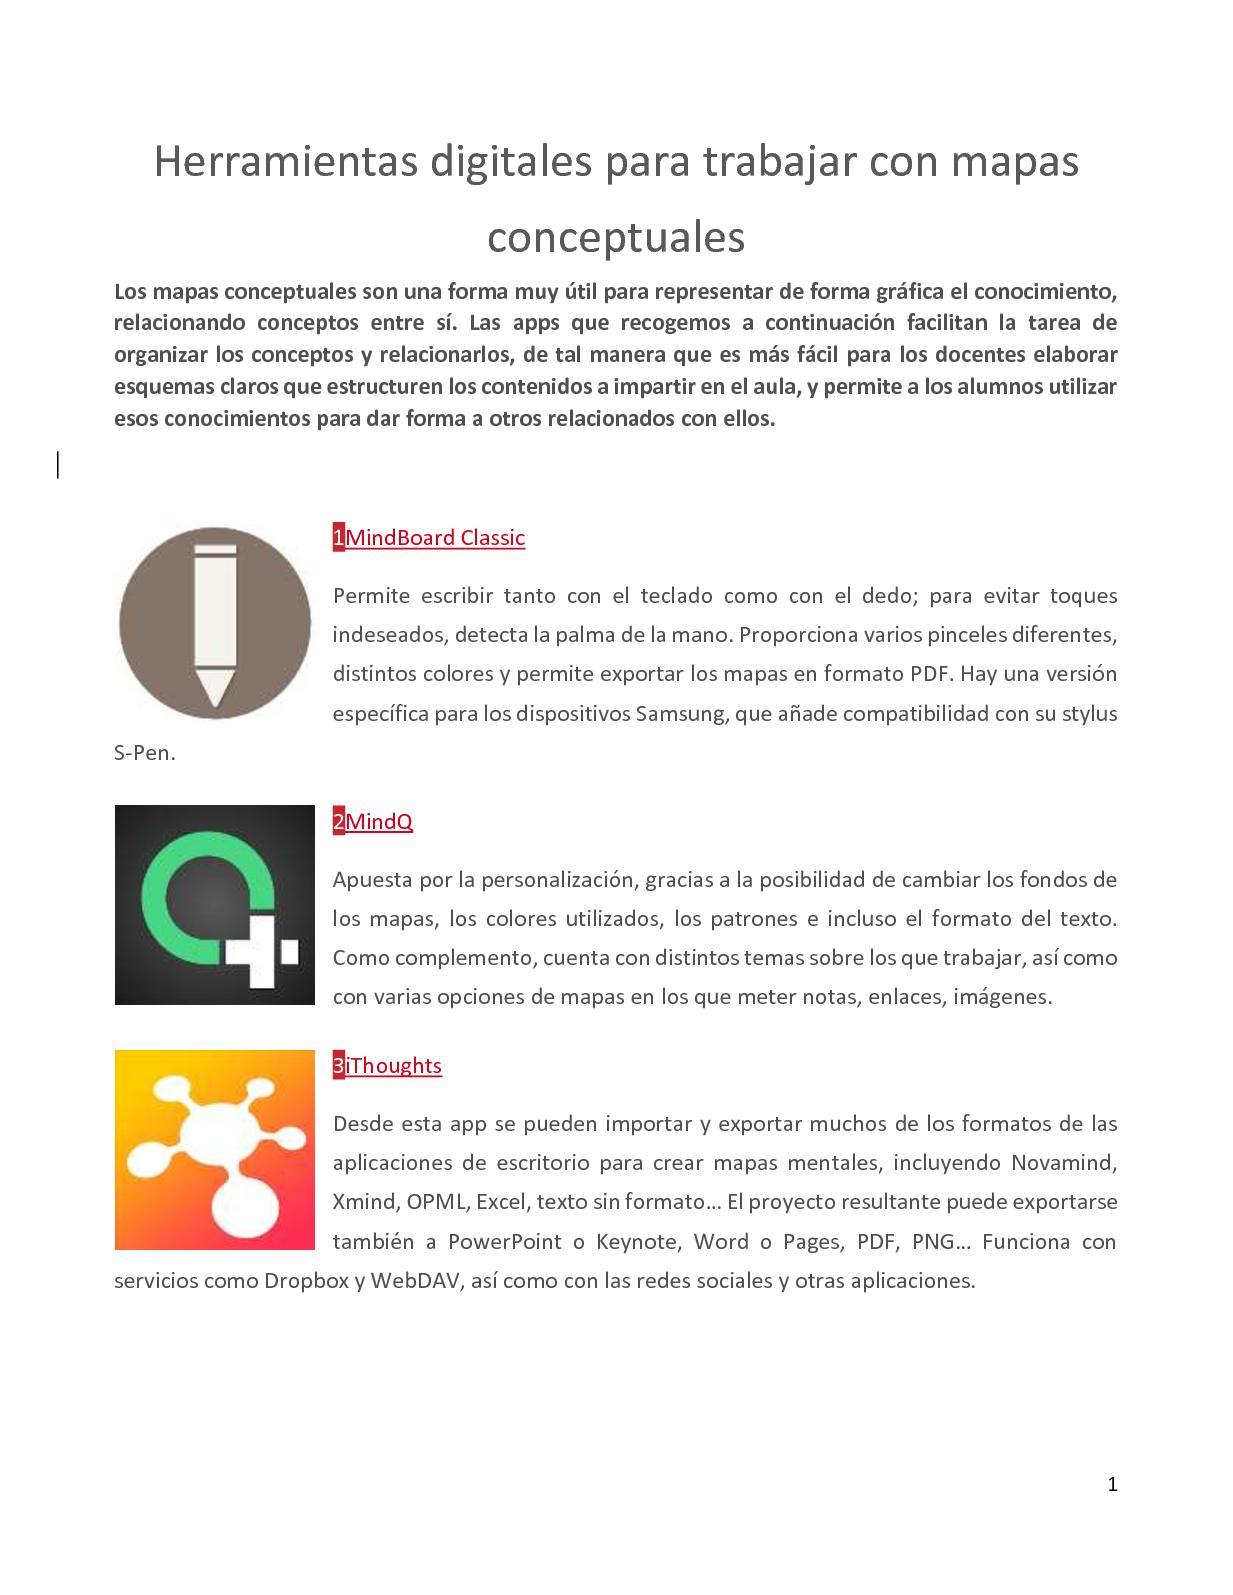 Calaméo - Herramientas Para Crear Mapas Conceptuales